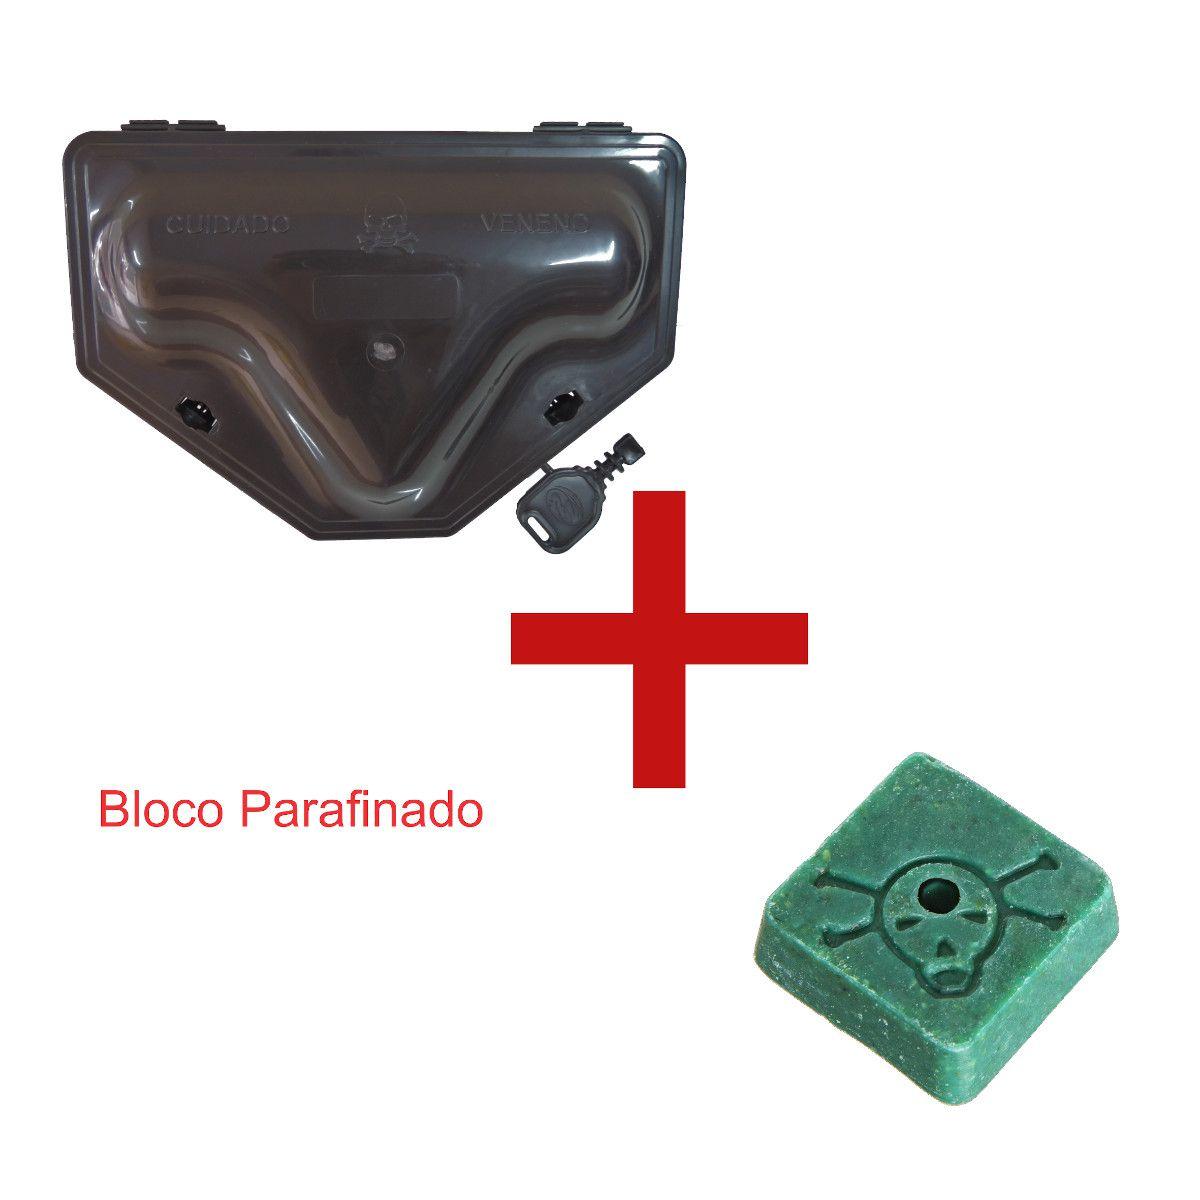 38 Porta Iscas C/ Duplo Travamento + 38 Bloco Parafinado